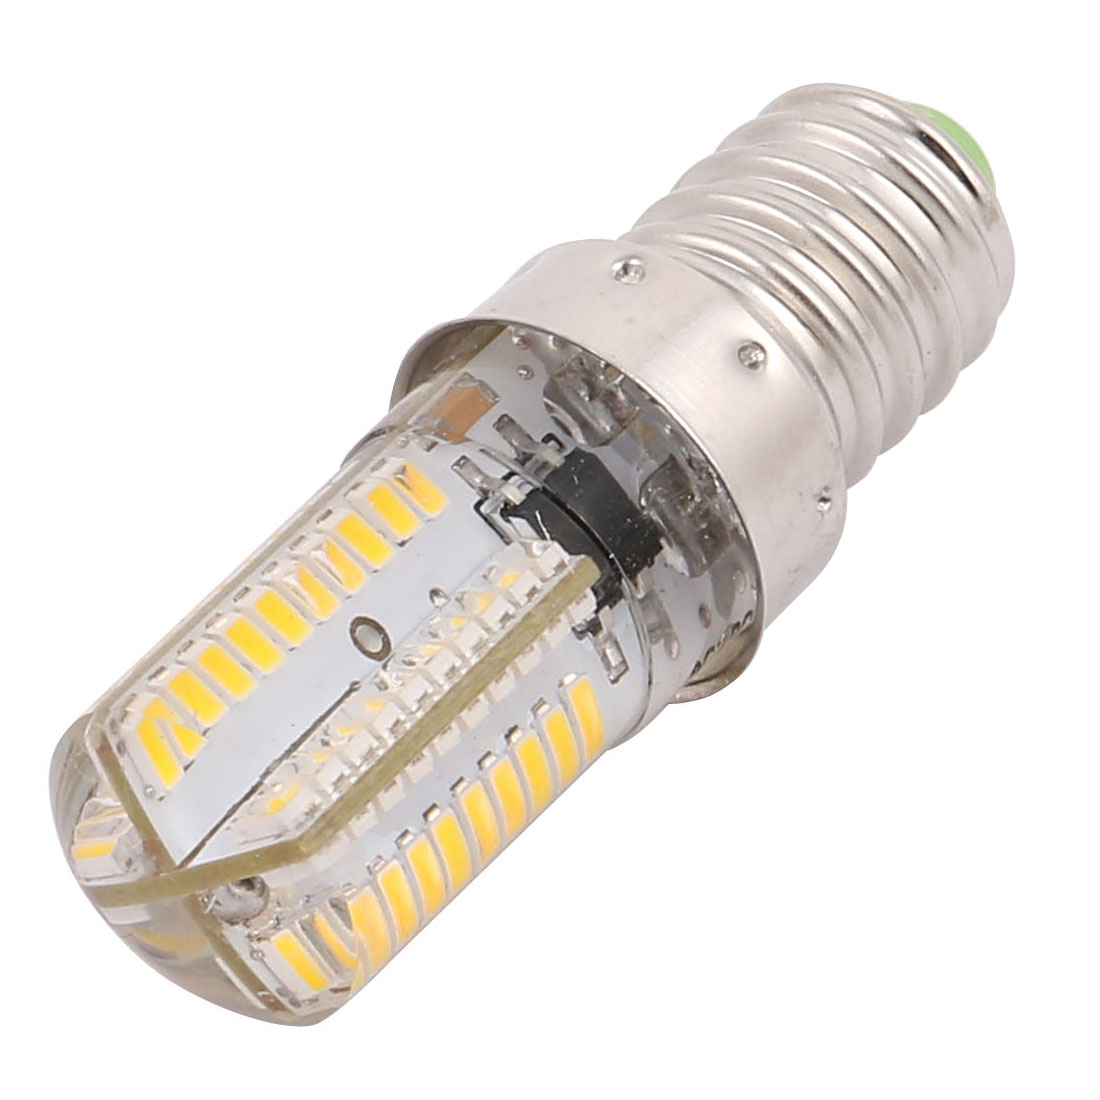 200V-240V LED Light Bulb Lamp Epistar 80SMD-3014 LED Dimmable E14 Warm White - image 2 of 2